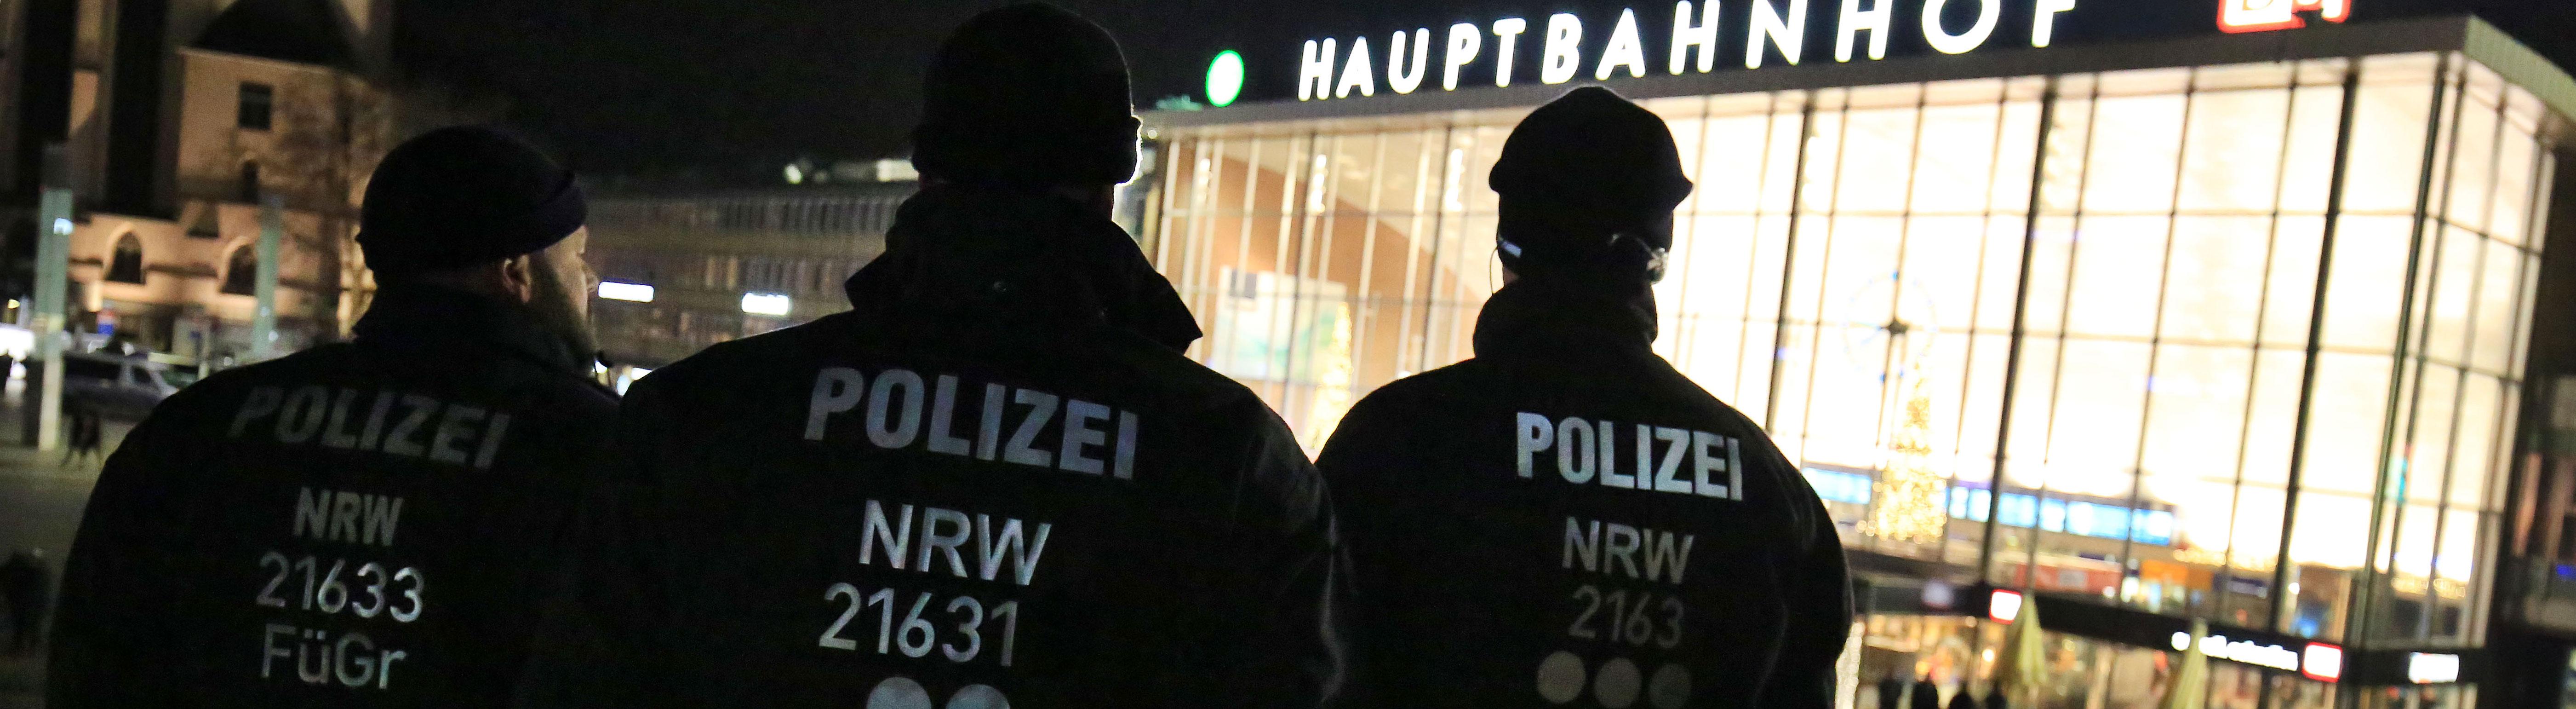 Drei Polizisten stehen (31.12.2016) in Köln vor dem Hauptbahnhof. Die drei sind von hinten zu sehen, wie sie Richtung Bahnhof blicken; Foto: dpa